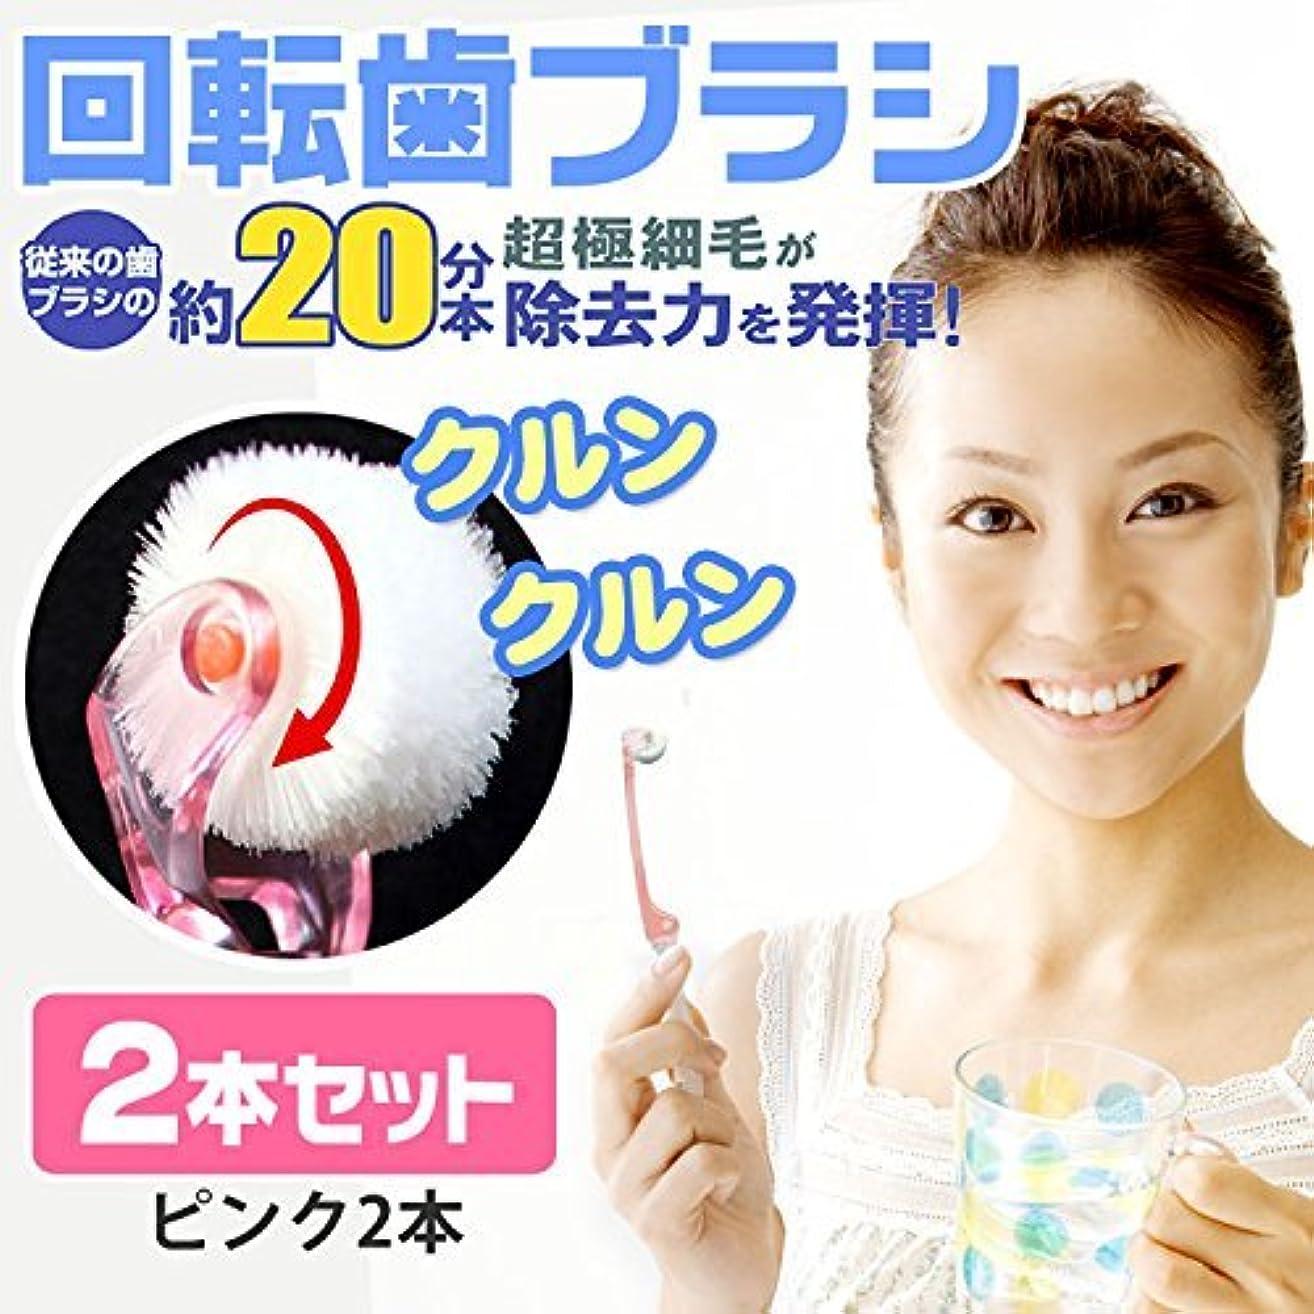 おとこ威するアイスクリームNewクルン 吸着回転歯ブラシ◆ピンク2本セット◆ レギュラーヘッド ピンク